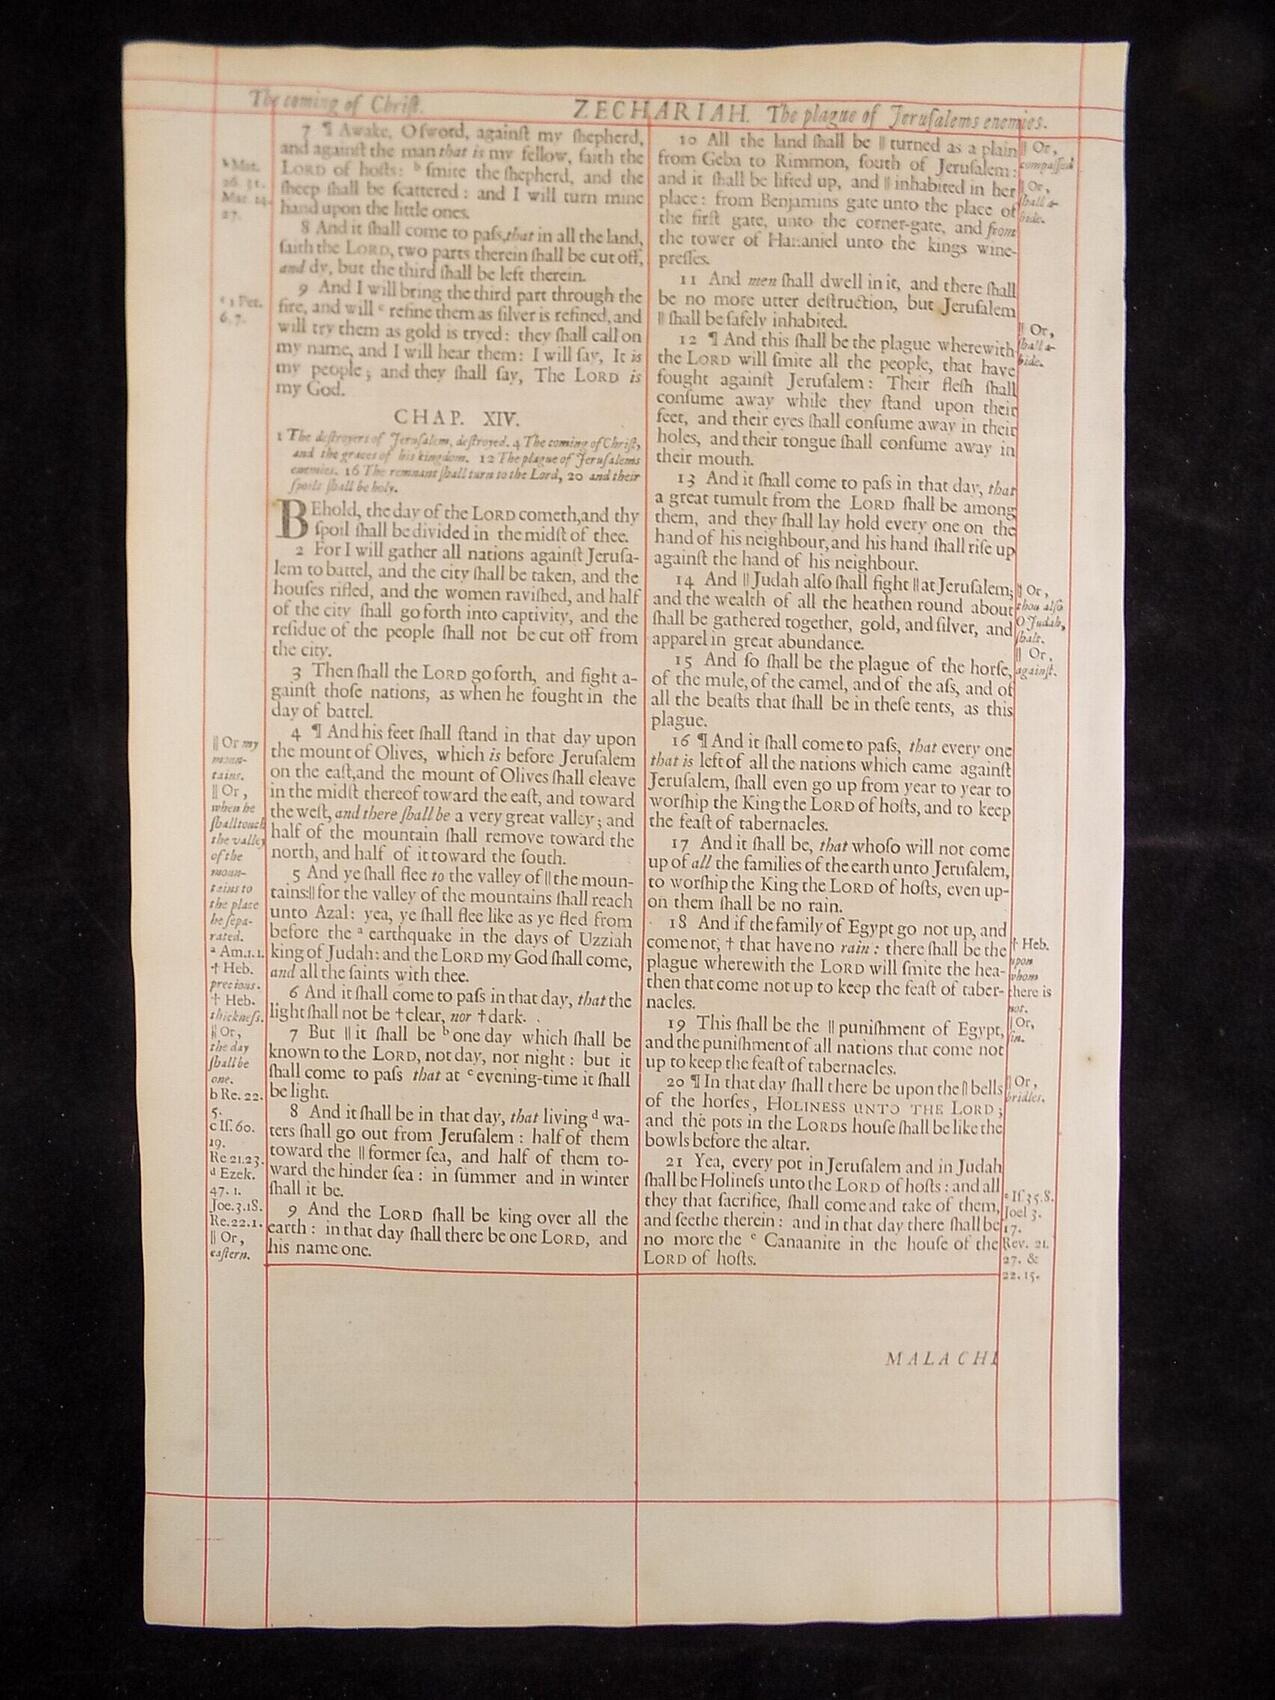 1680 OXFORD KJV ZECHARIAH LEAVES